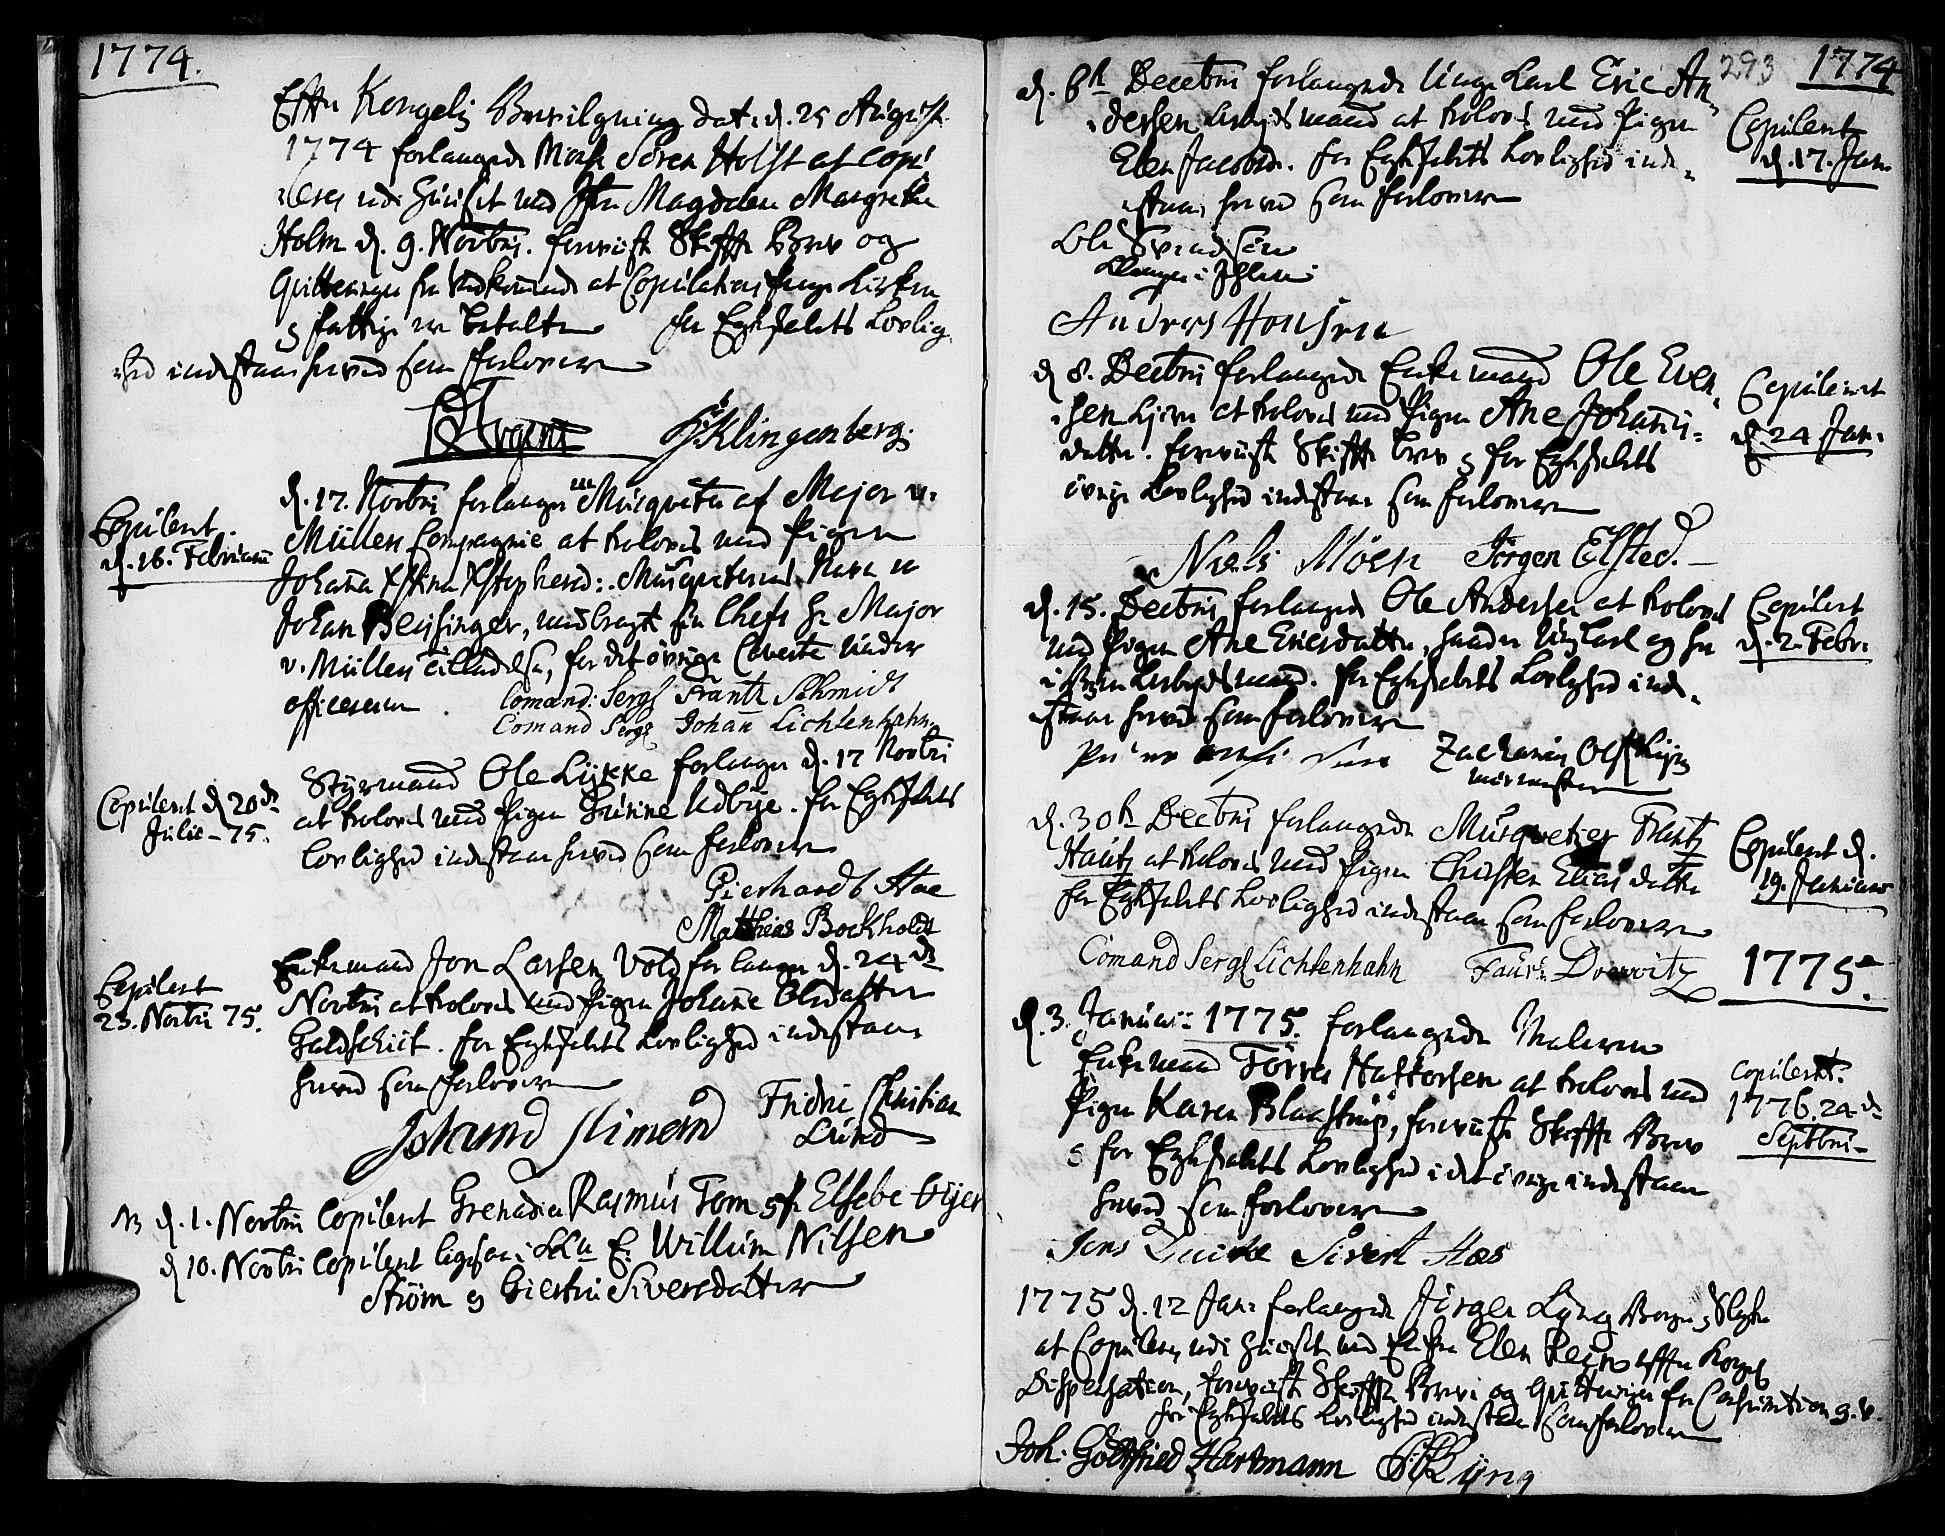 SAT, Ministerialprotokoller, klokkerbøker og fødselsregistre - Sør-Trøndelag, 601/L0038: Ministerialbok nr. 601A06, 1766-1877, s. 293